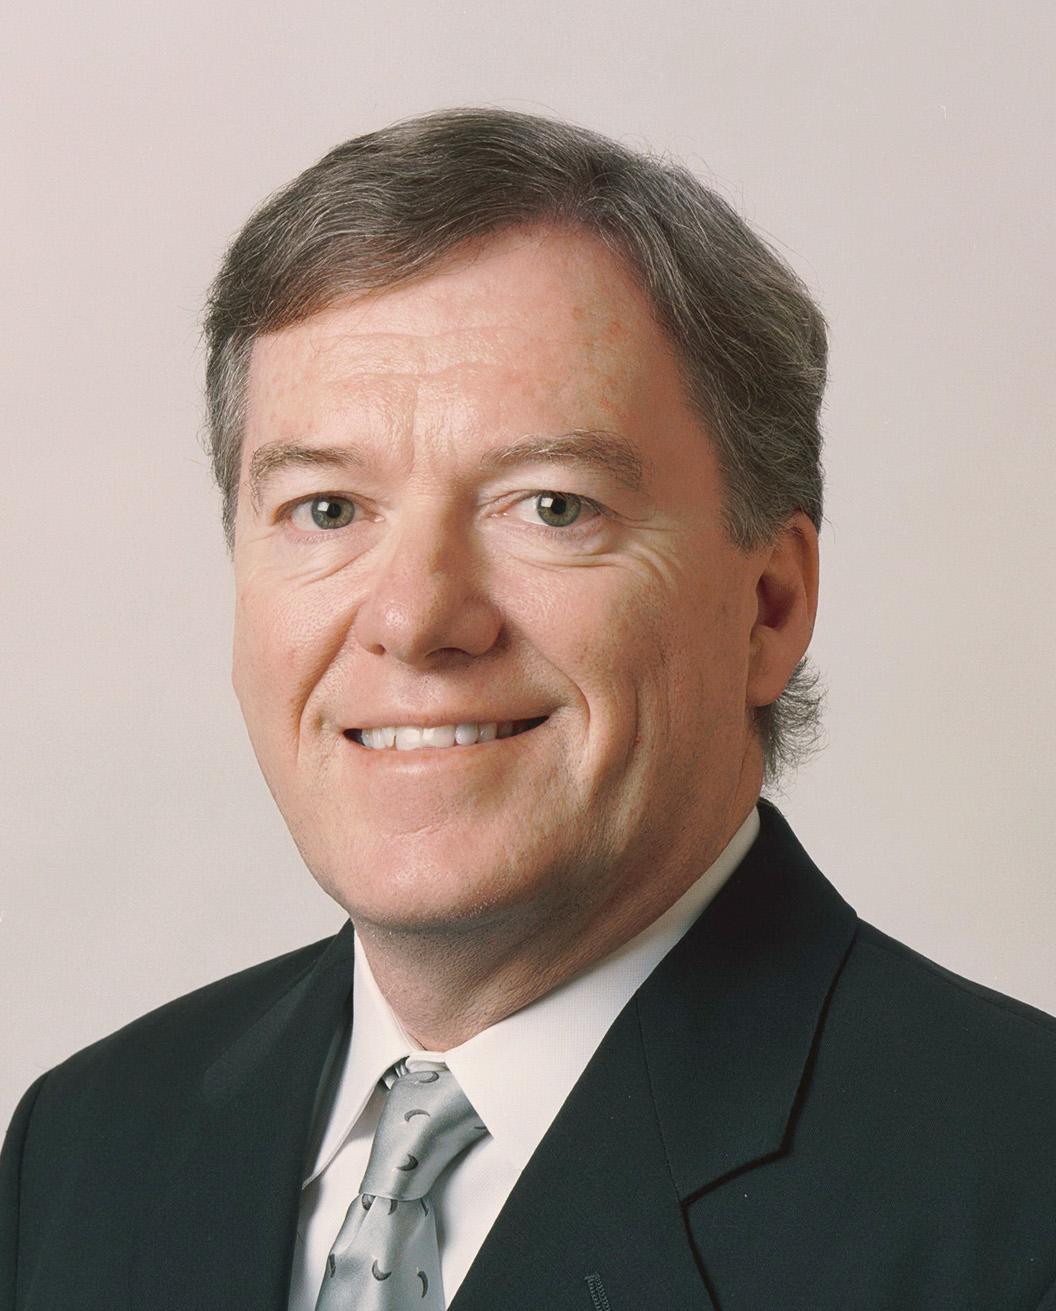 J. Wayne Leonard